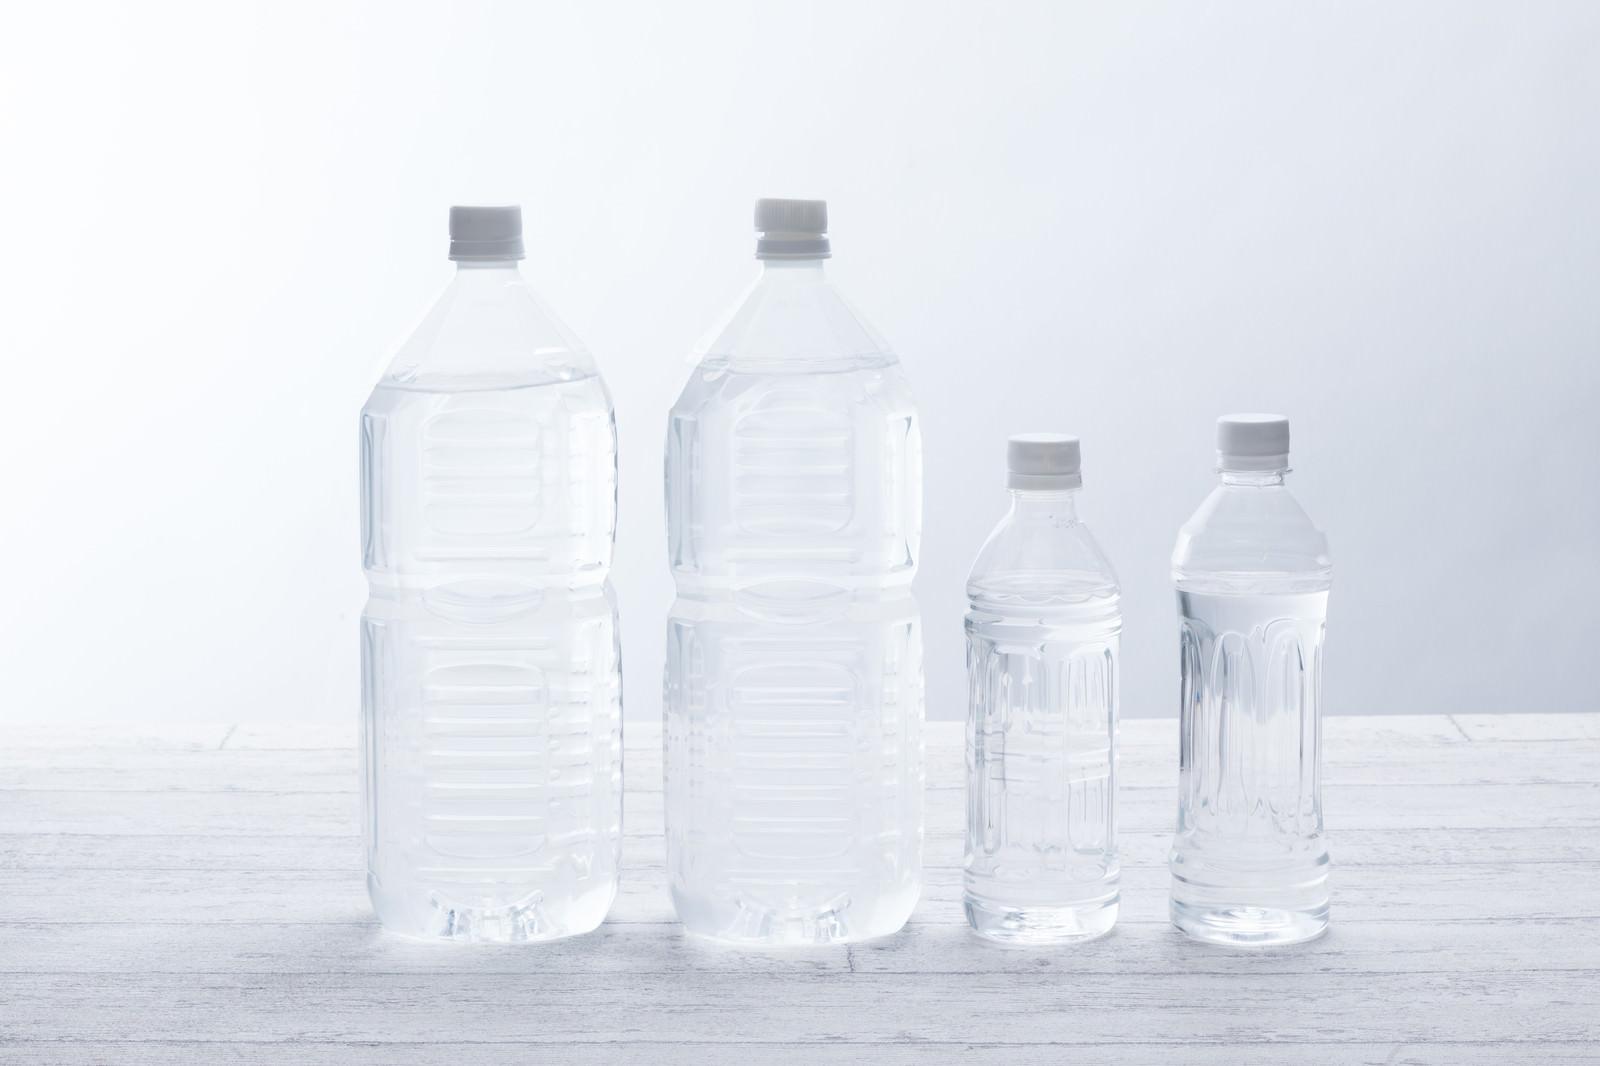 「2Lペットボトル2本と500mLペットボトル2本」の写真